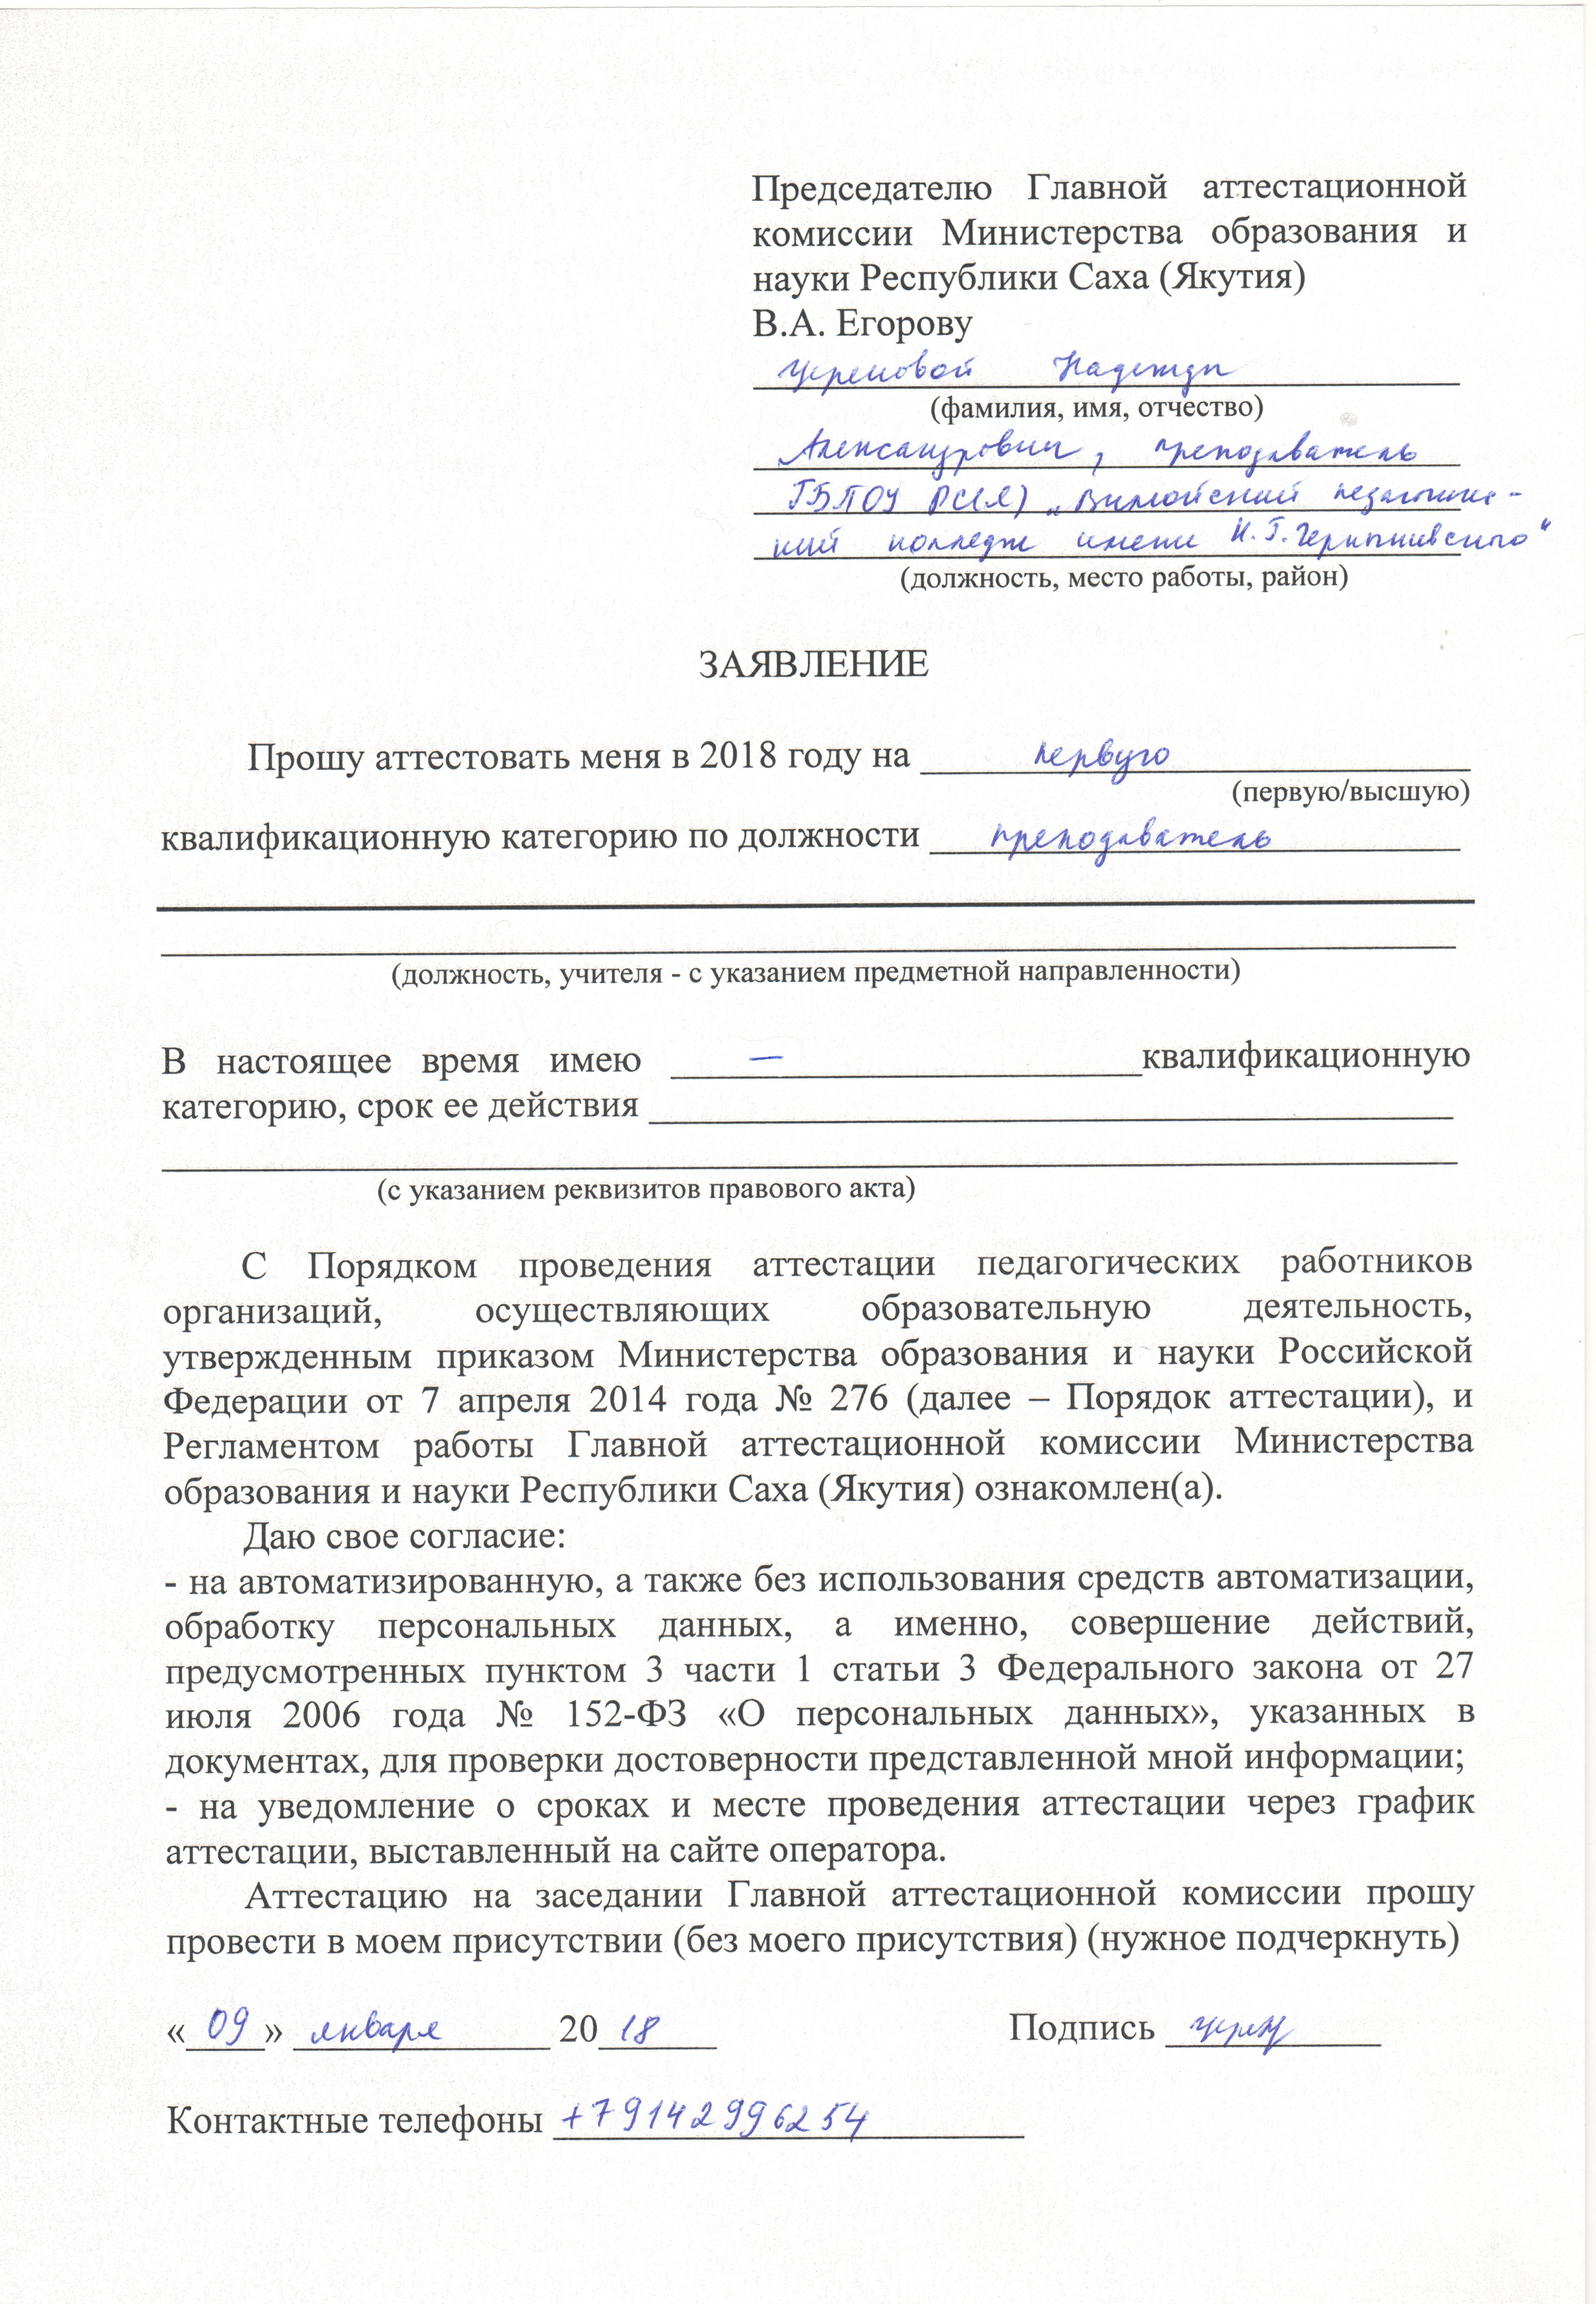 Заявление Цереновой Н. А.